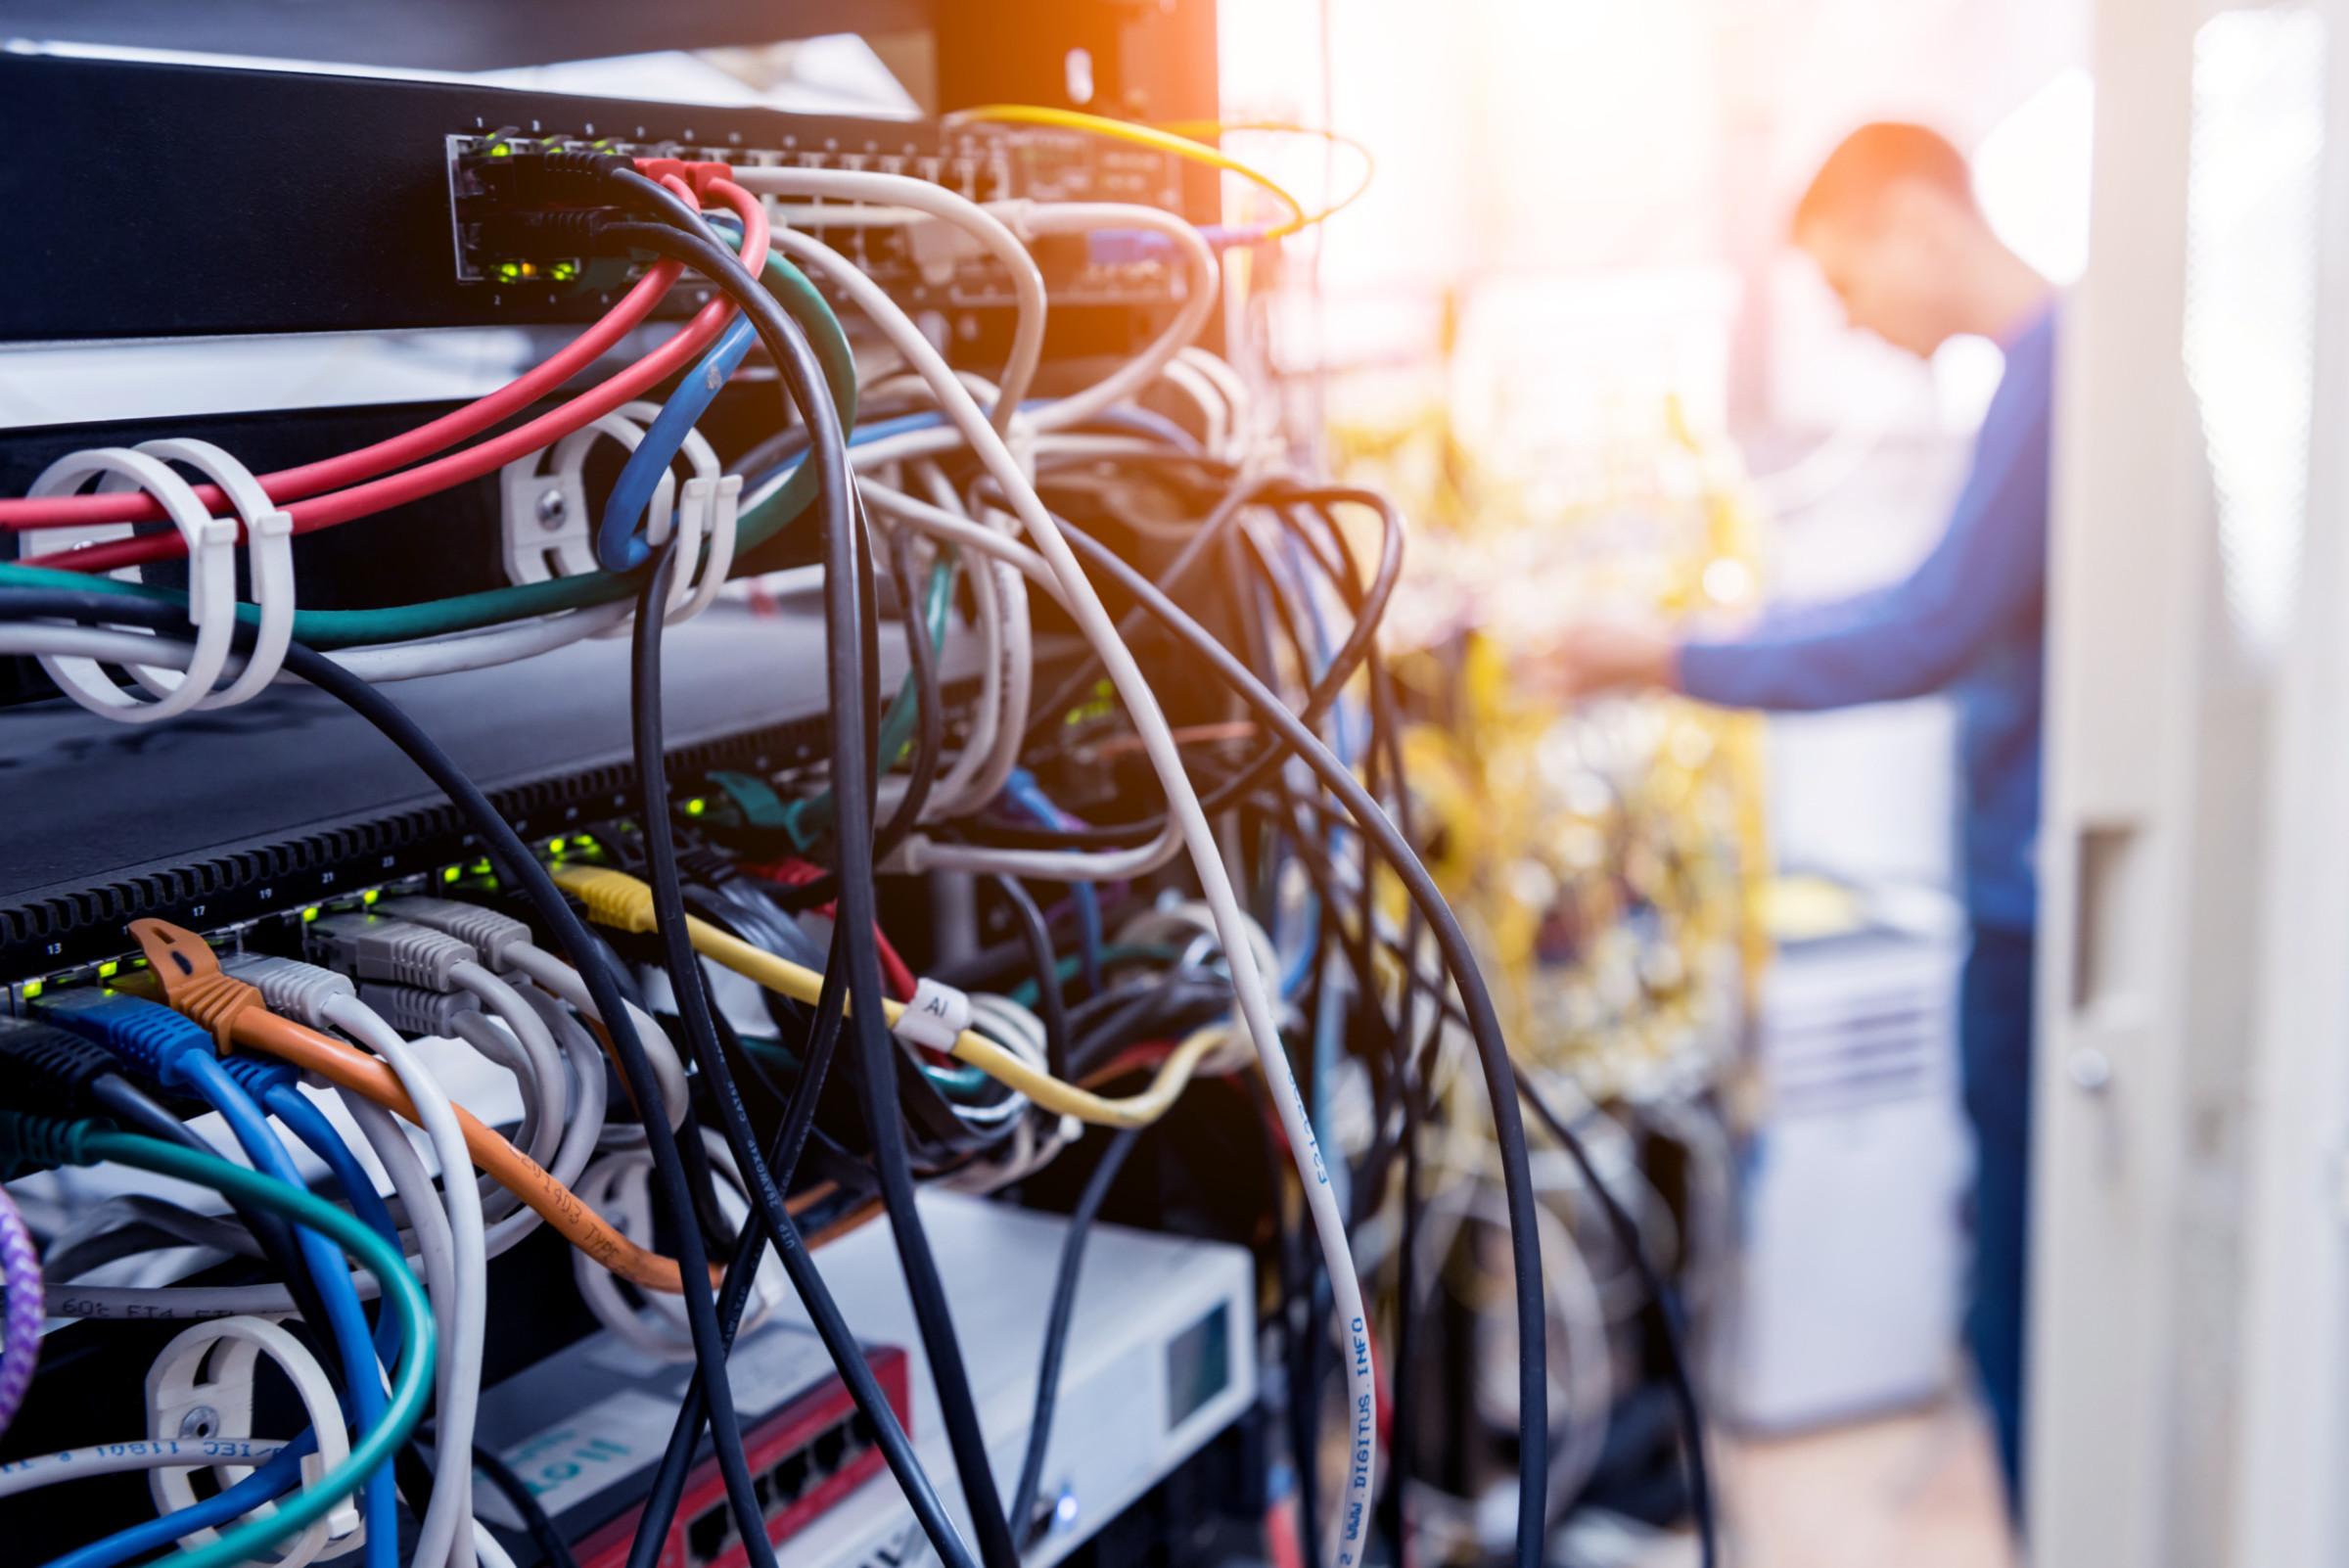 réseaux de communication